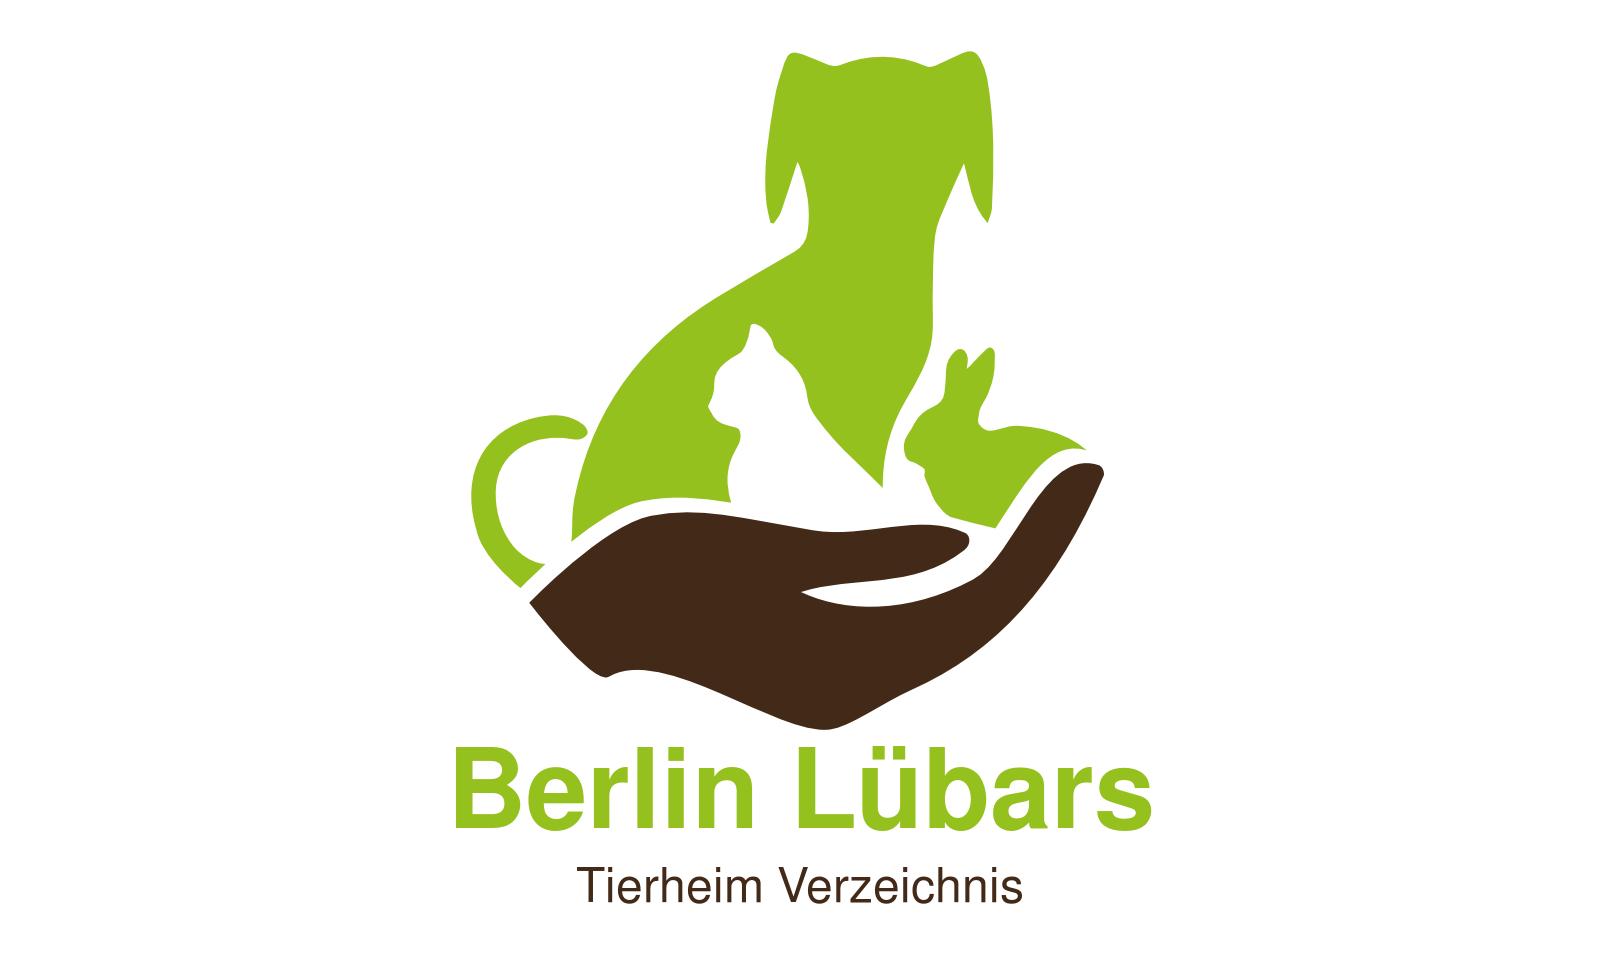 Tierheim Berlin Lübars